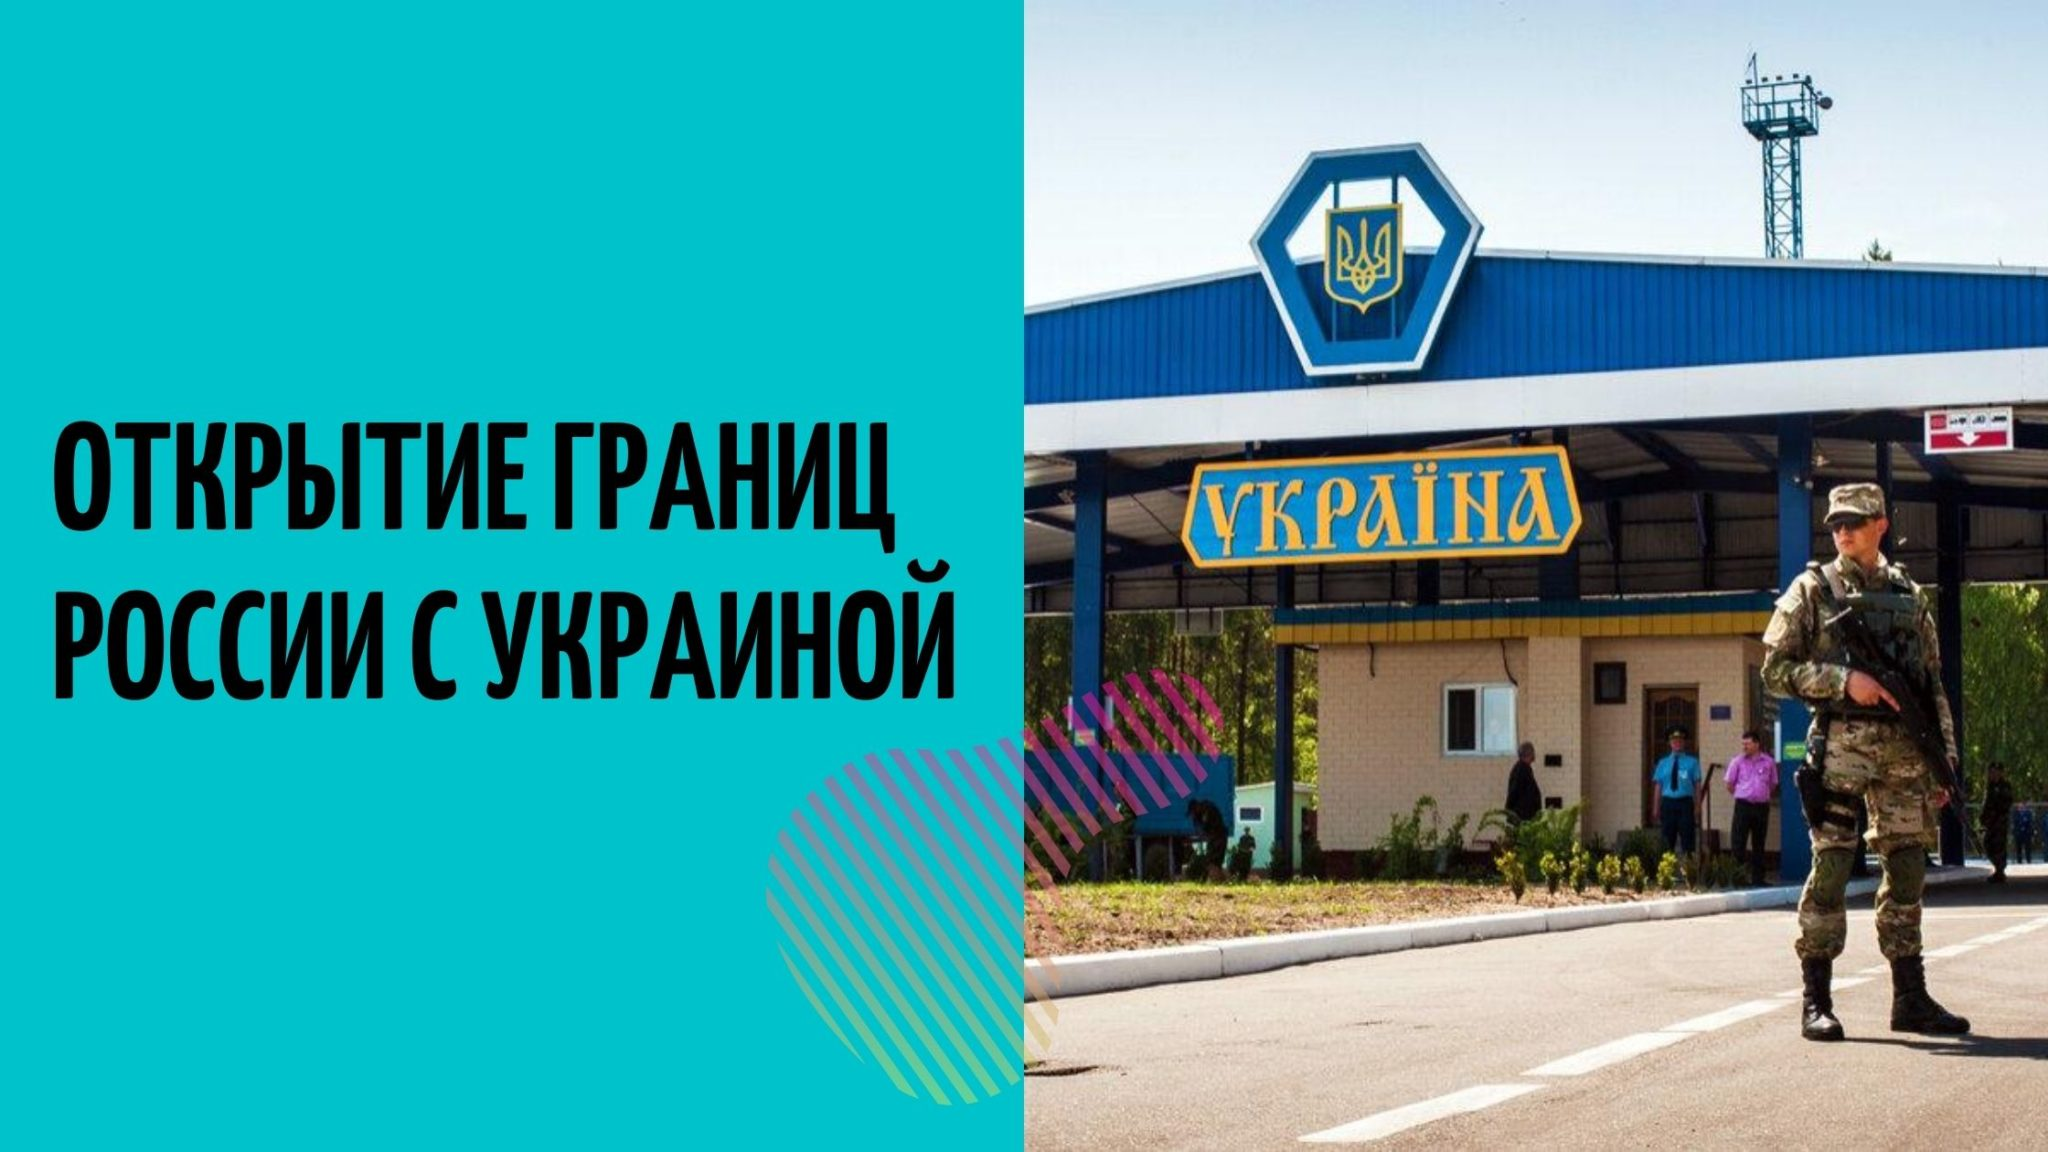 Граница РФ Украина